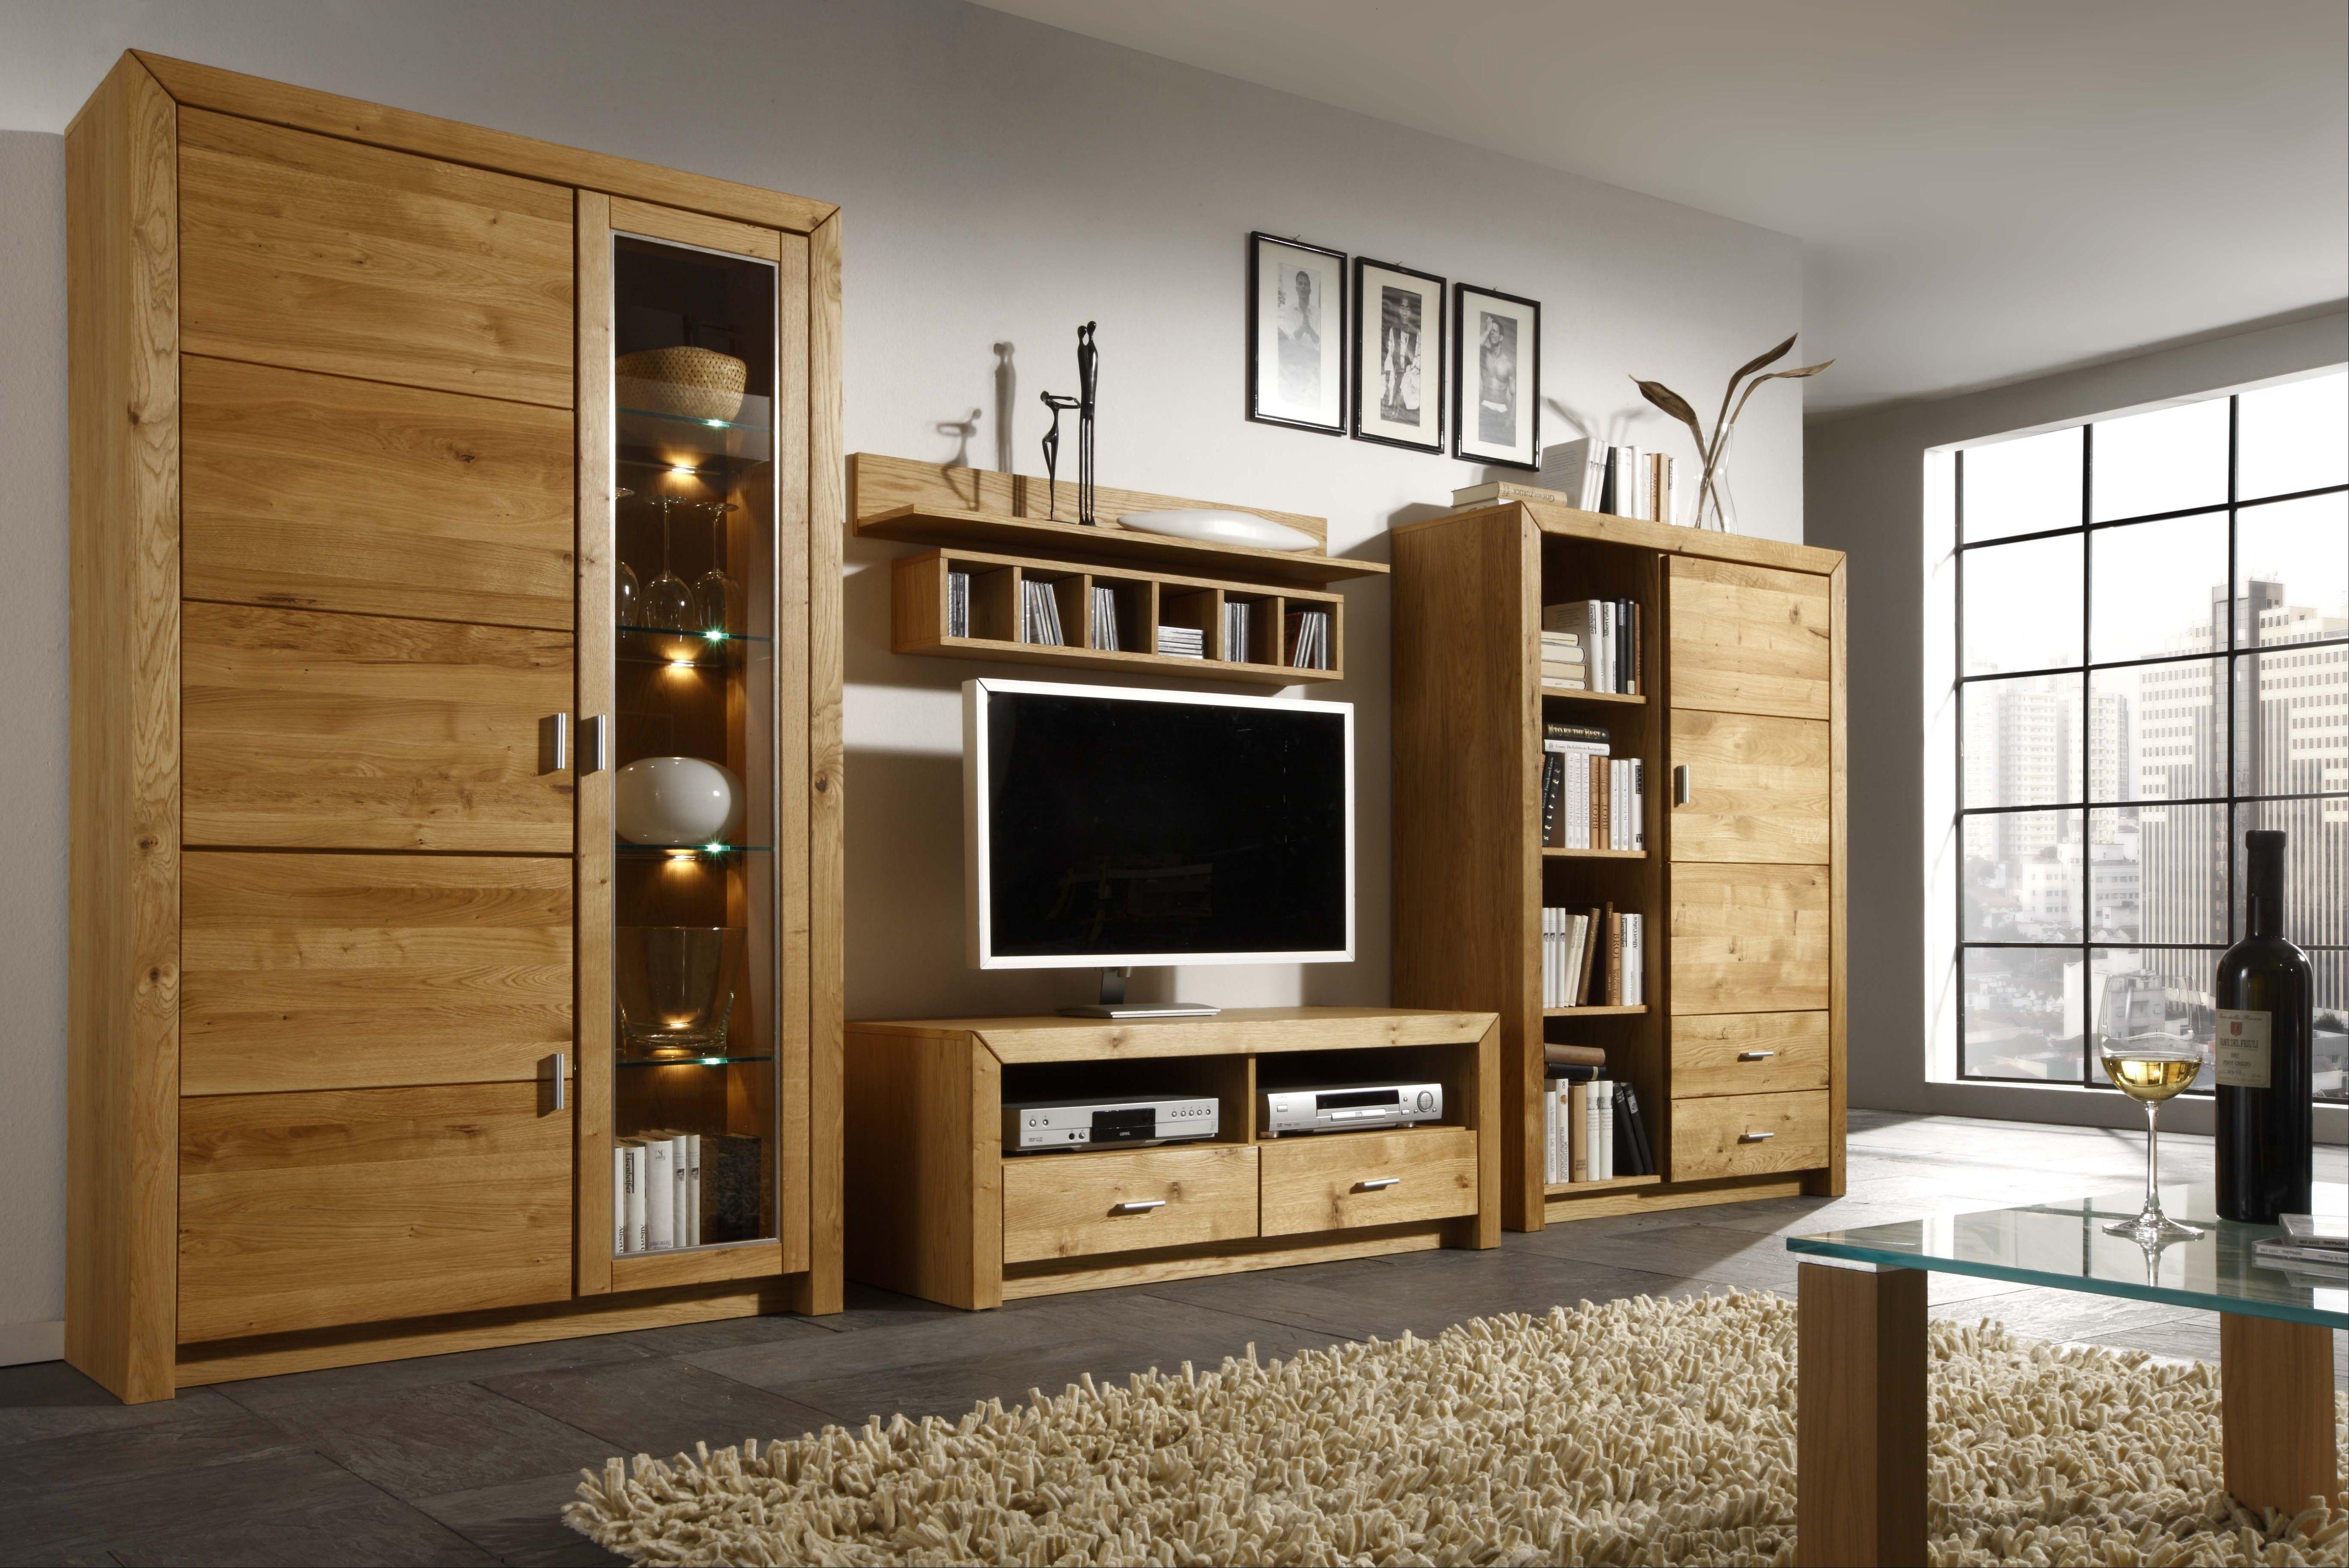 Charmant Diese Wohnwand Aus Teilmassiver Asteiche Zaubert Ein Neues Wohngefühl In  Ihr Zuhause: Wohnwand Asteiche Teilmassiv